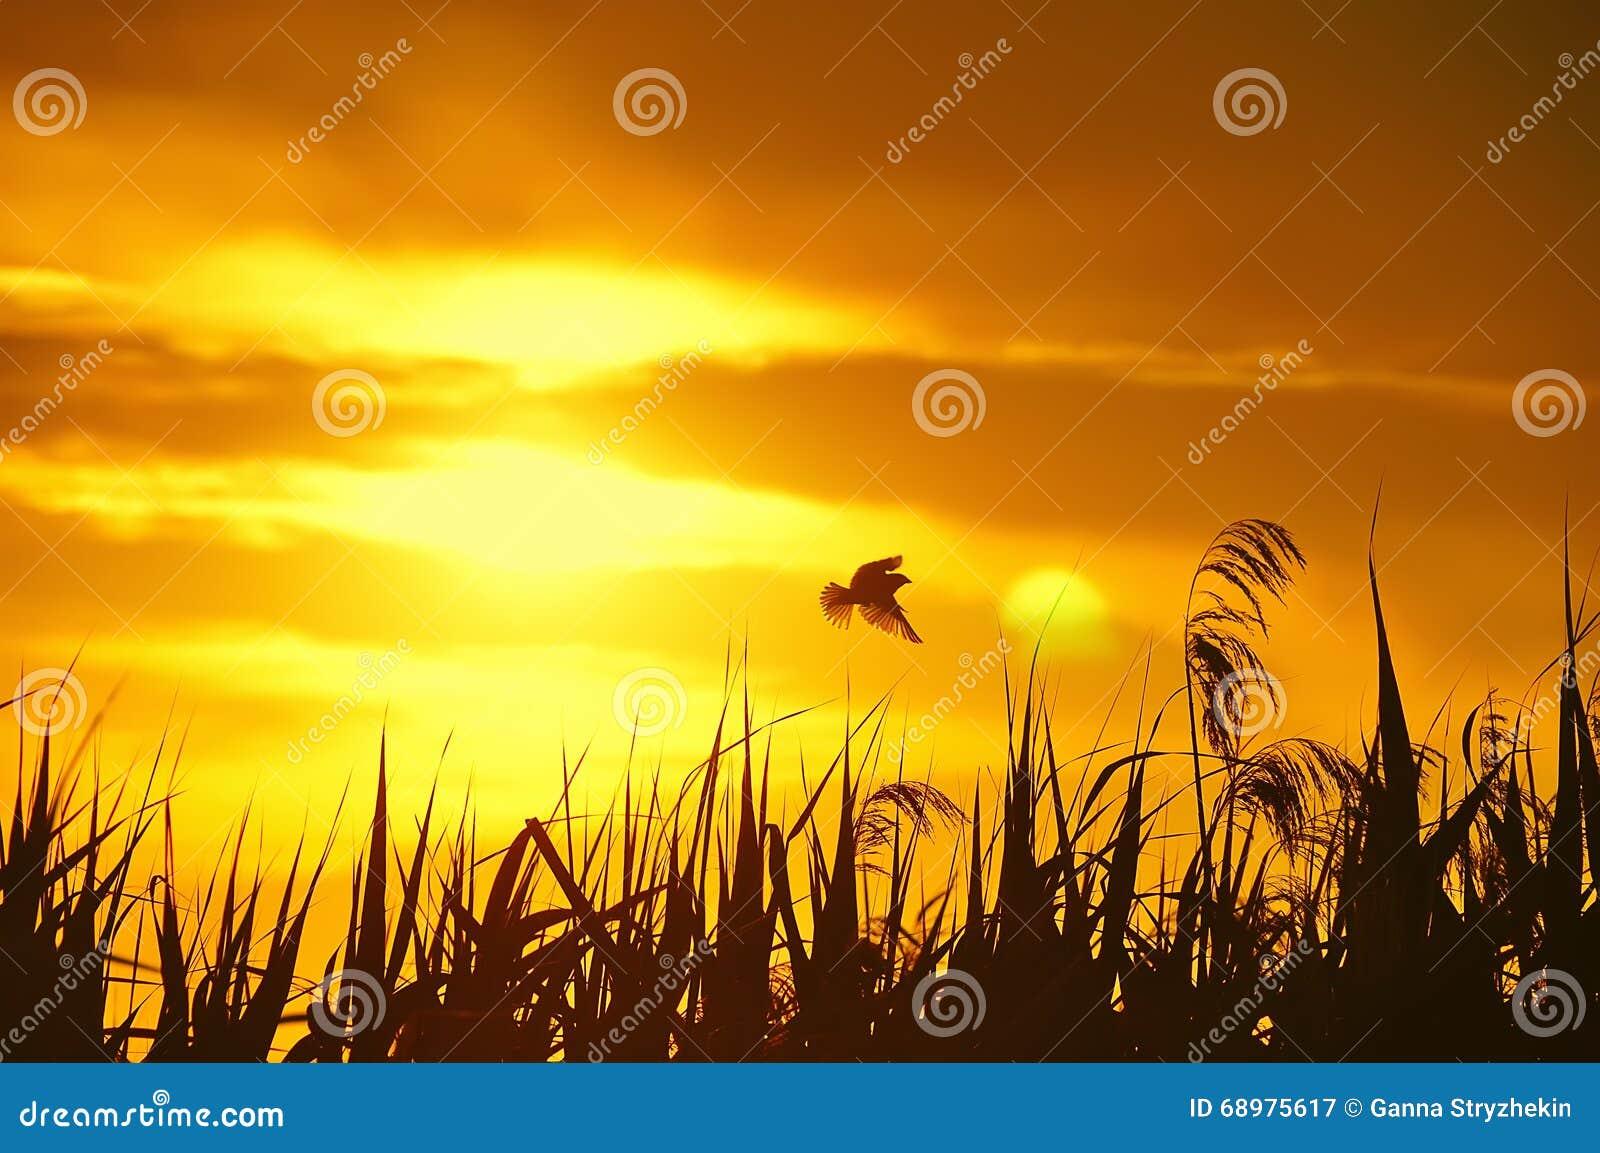 Silueta del pájaro y de la hierba en la puesta del sol